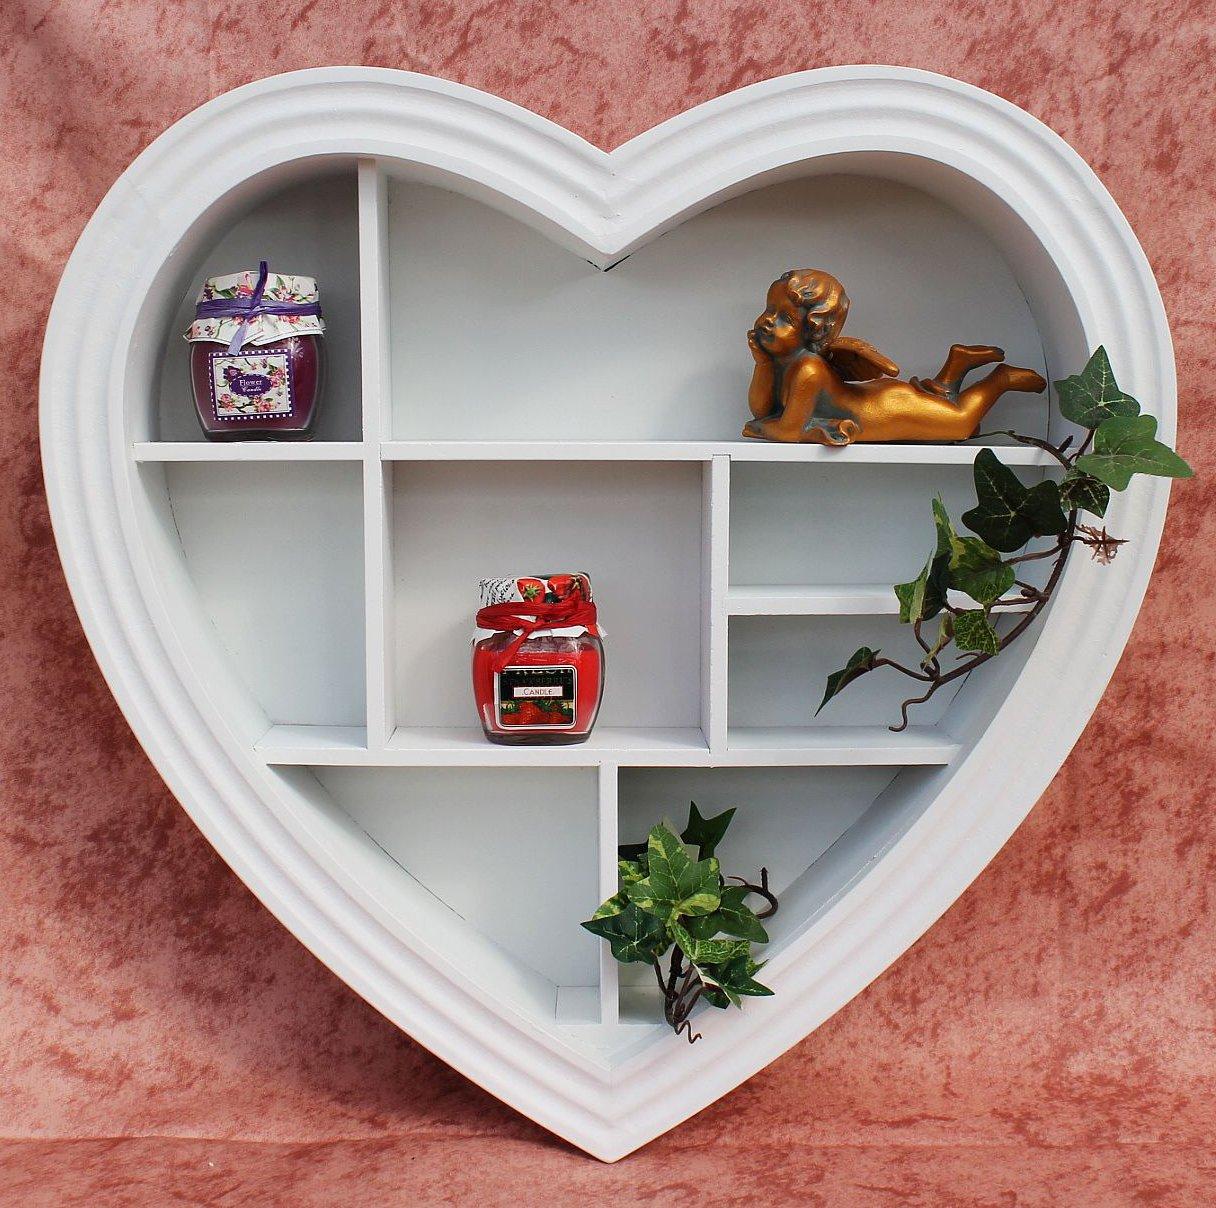 setzkasten herz 15k050 aus holz 40 cm wandregal sammlervitrine schaukasten regal ebay. Black Bedroom Furniture Sets. Home Design Ideas